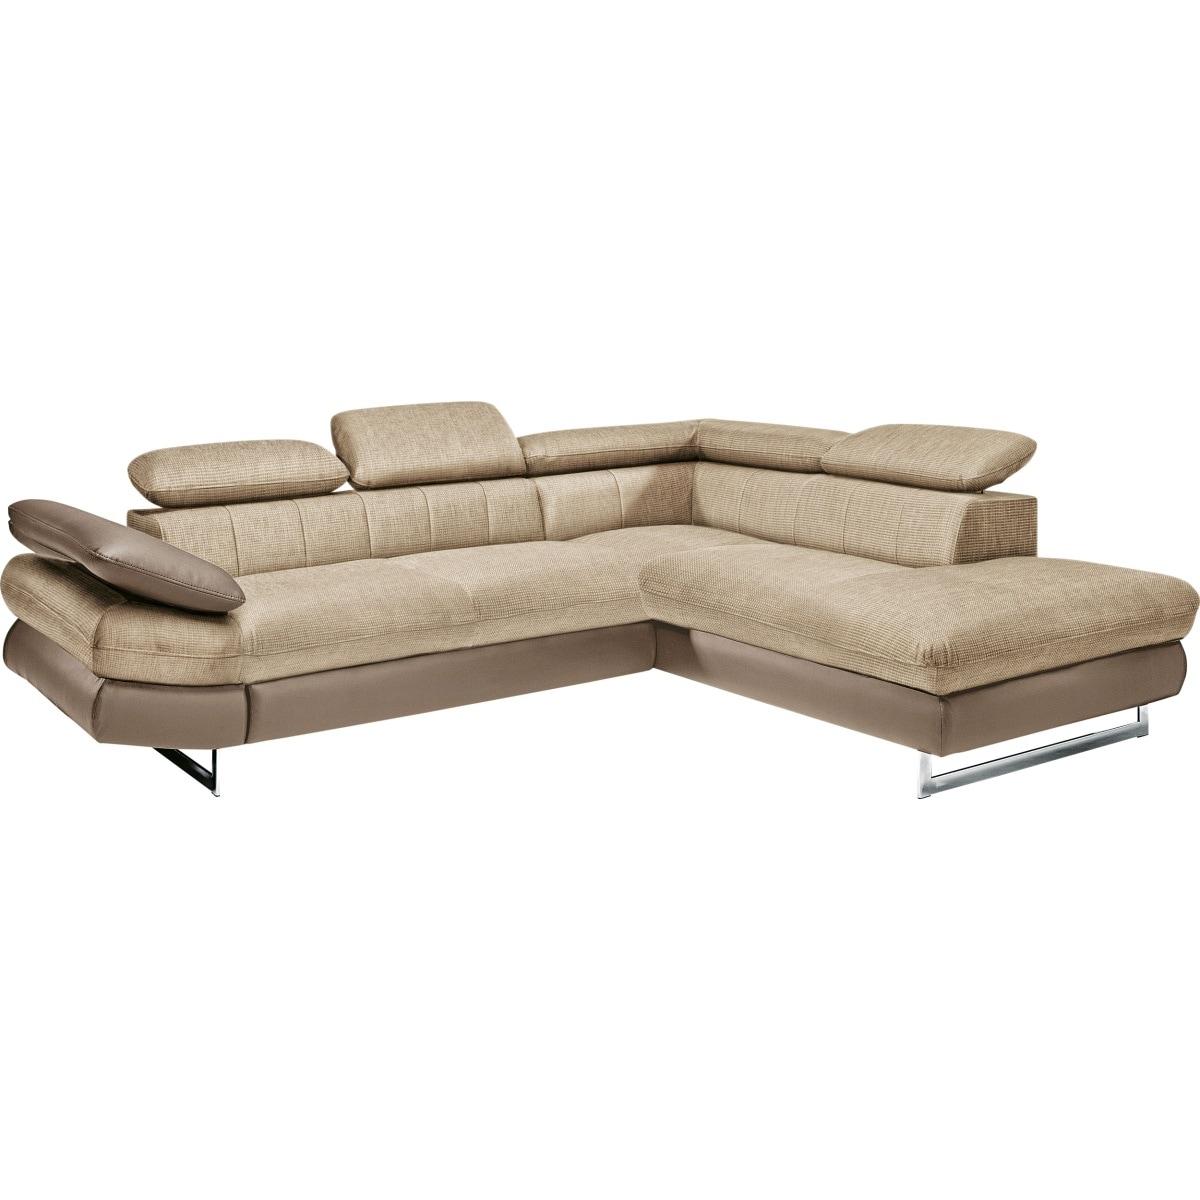 polsterecke beige braun eckgarnituren polsterm bel wohnen m bel boss. Black Bedroom Furniture Sets. Home Design Ideas